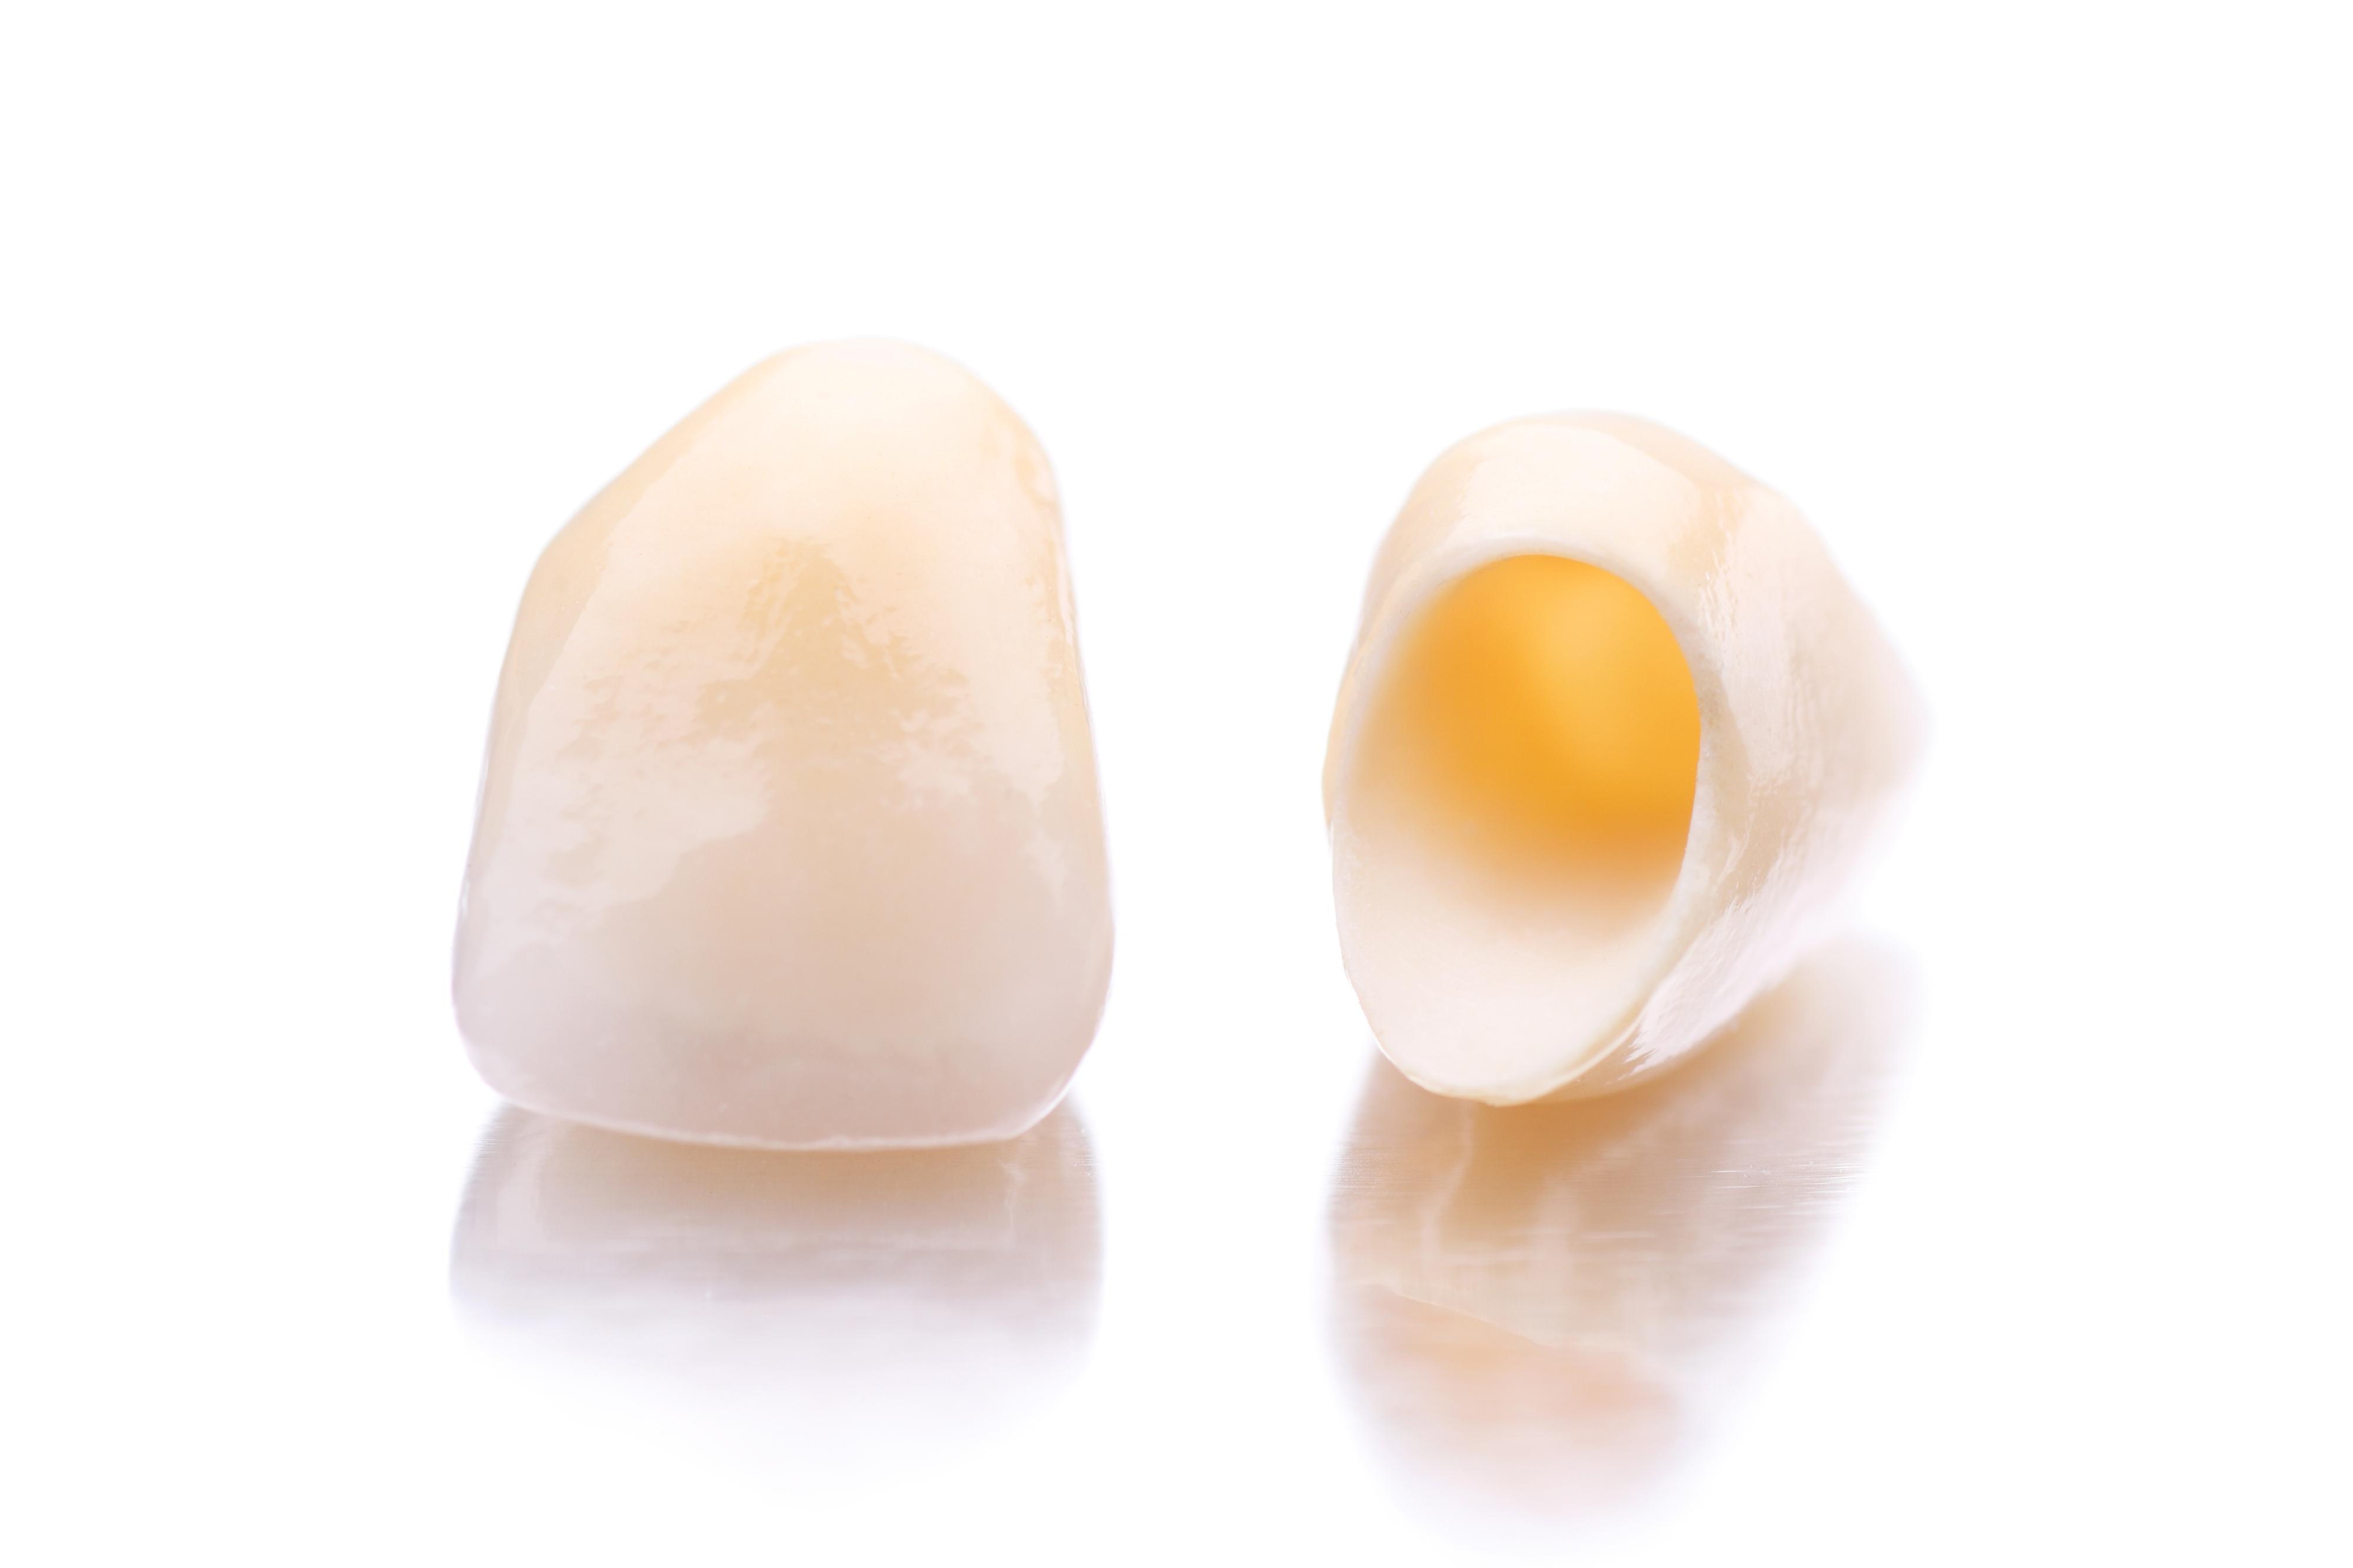 セラミックの差し歯